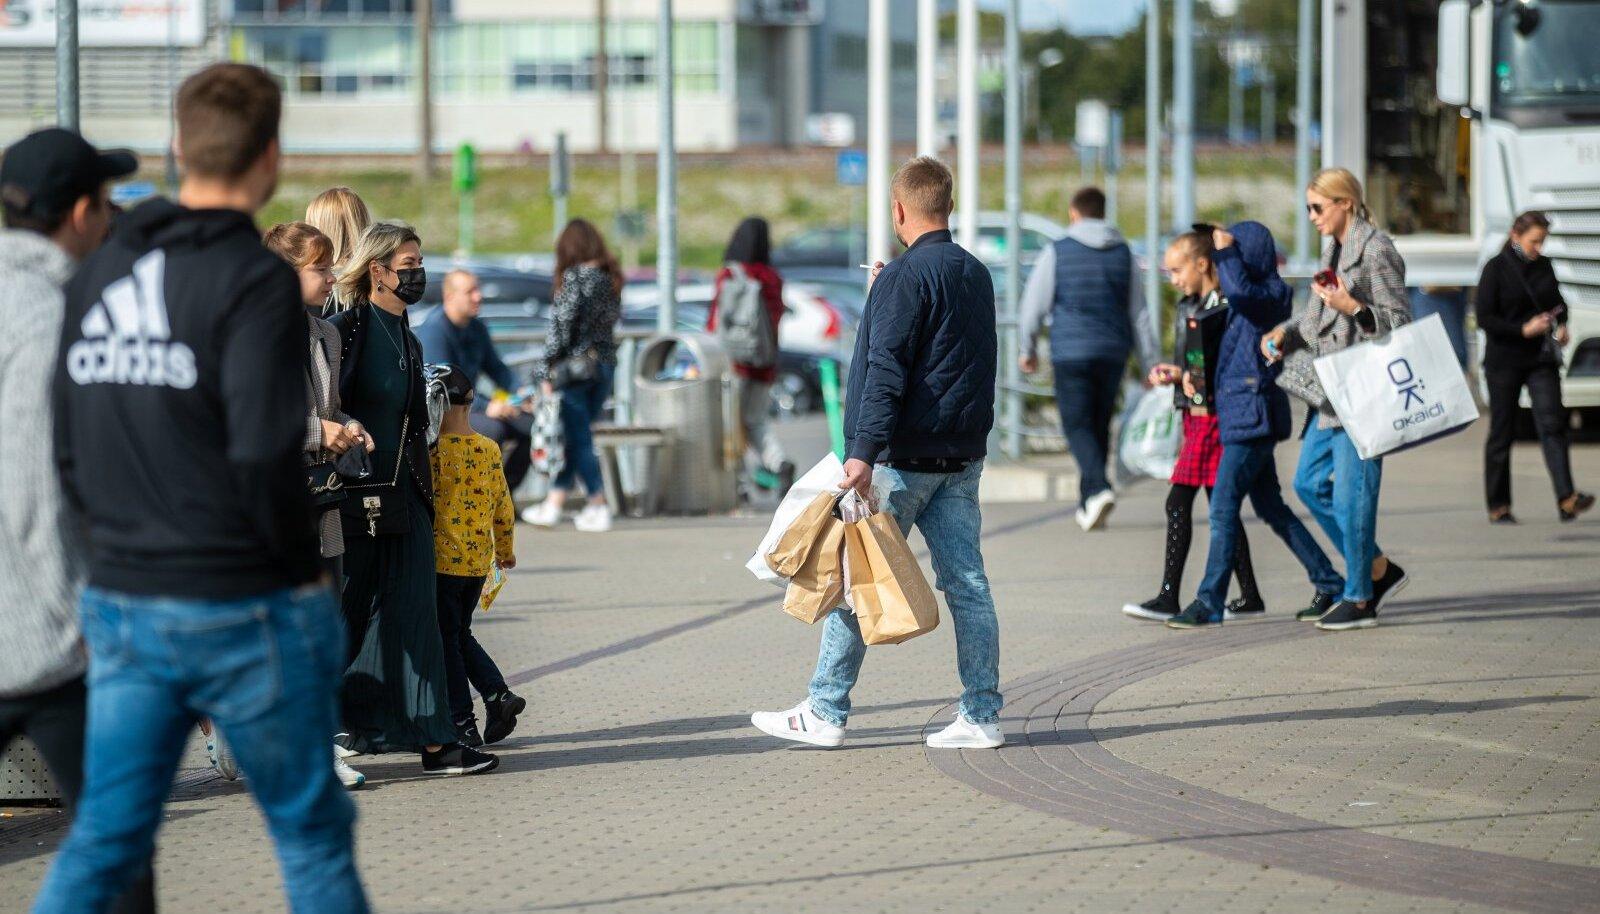 Eelmise aastaga võrreldes 5% tarbijahinnaindeksi tõusu (nagu juulis-augustis) pole Eestis tükk aega nähtud.